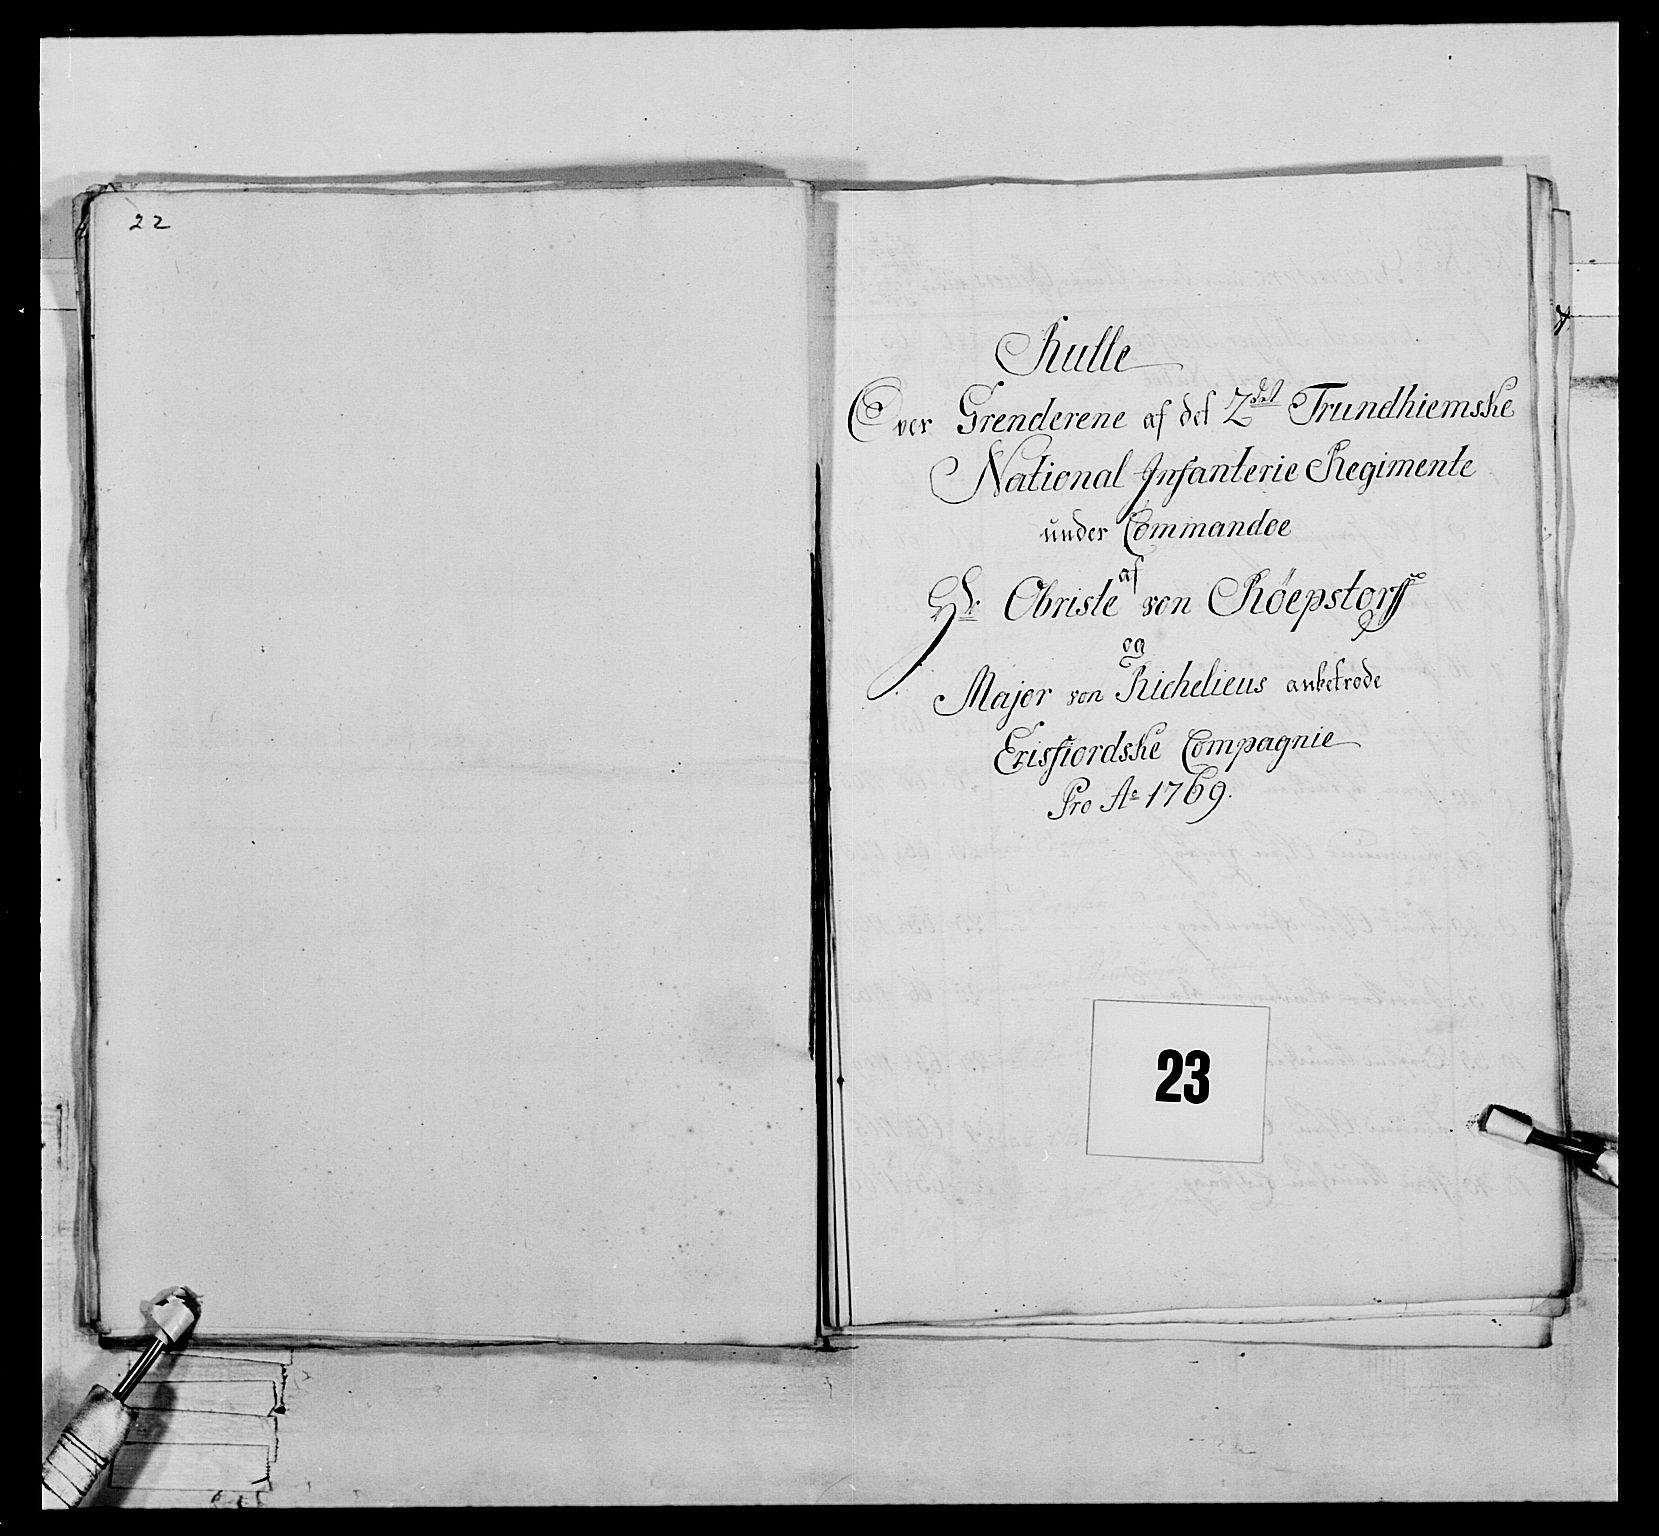 RA, Generalitets- og kommissariatskollegiet, Det kongelige norske kommissariatskollegium, E/Eh/L0076: 2. Trondheimske nasjonale infanteriregiment, 1766-1773, s. 56